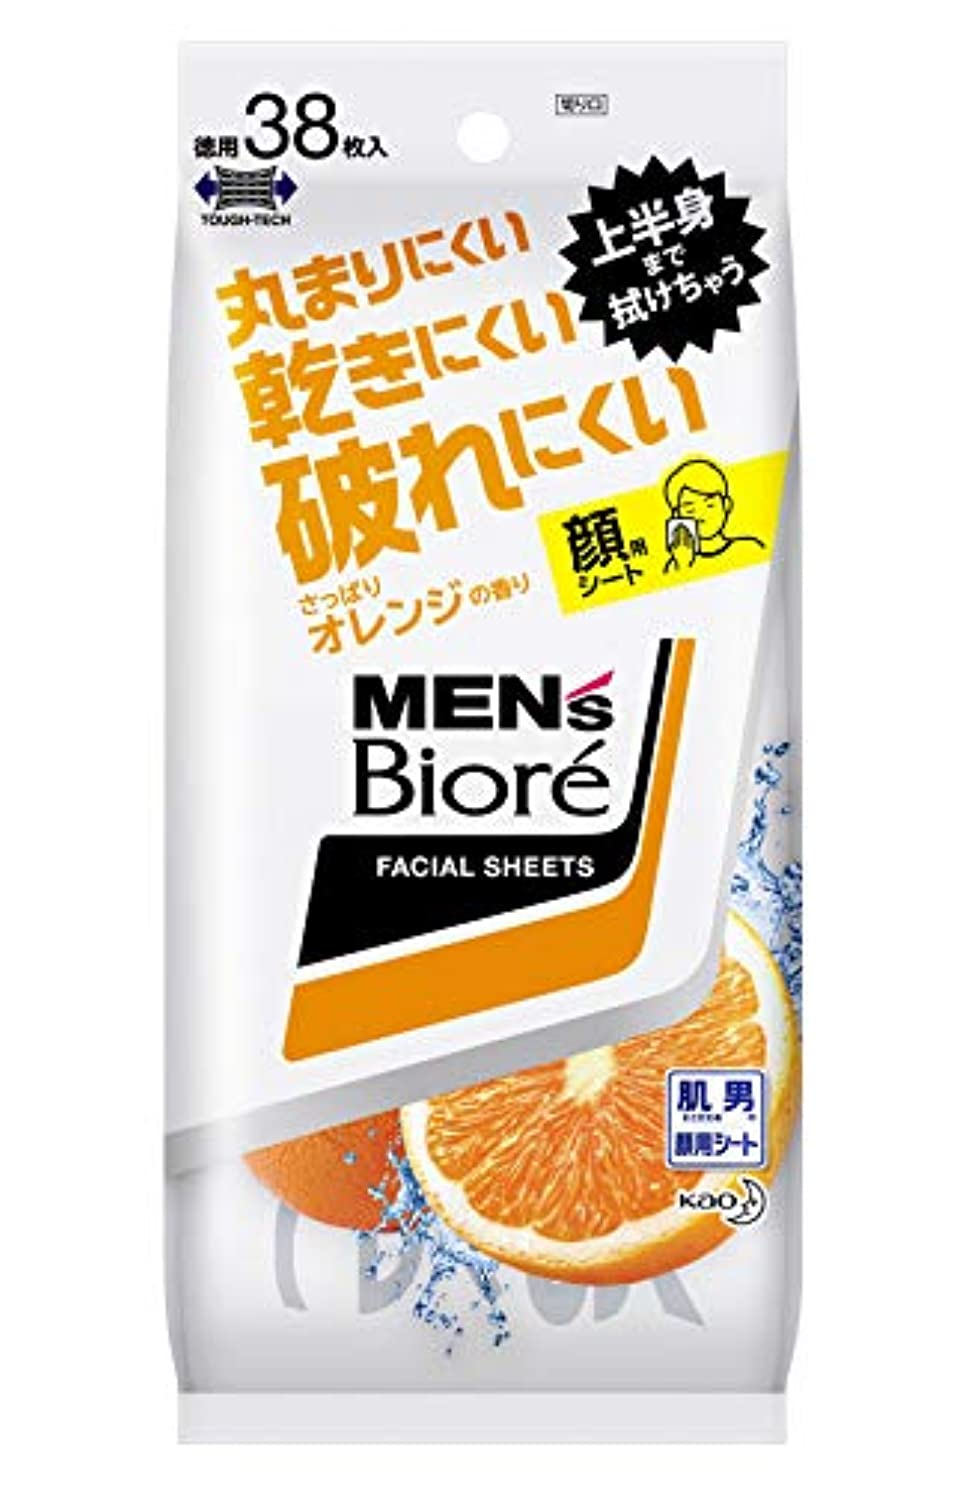 追い付く範囲愚かメンズビオレ 洗顔シート さっぱりオレンジの香り <卓上タイプ> 38枚入